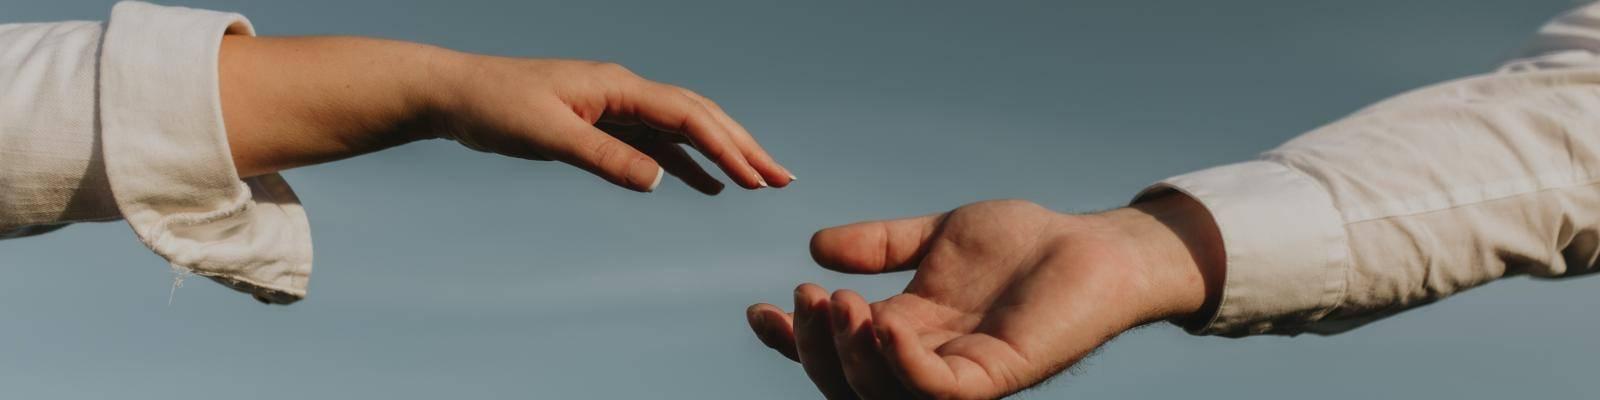 handen laten elkaar los